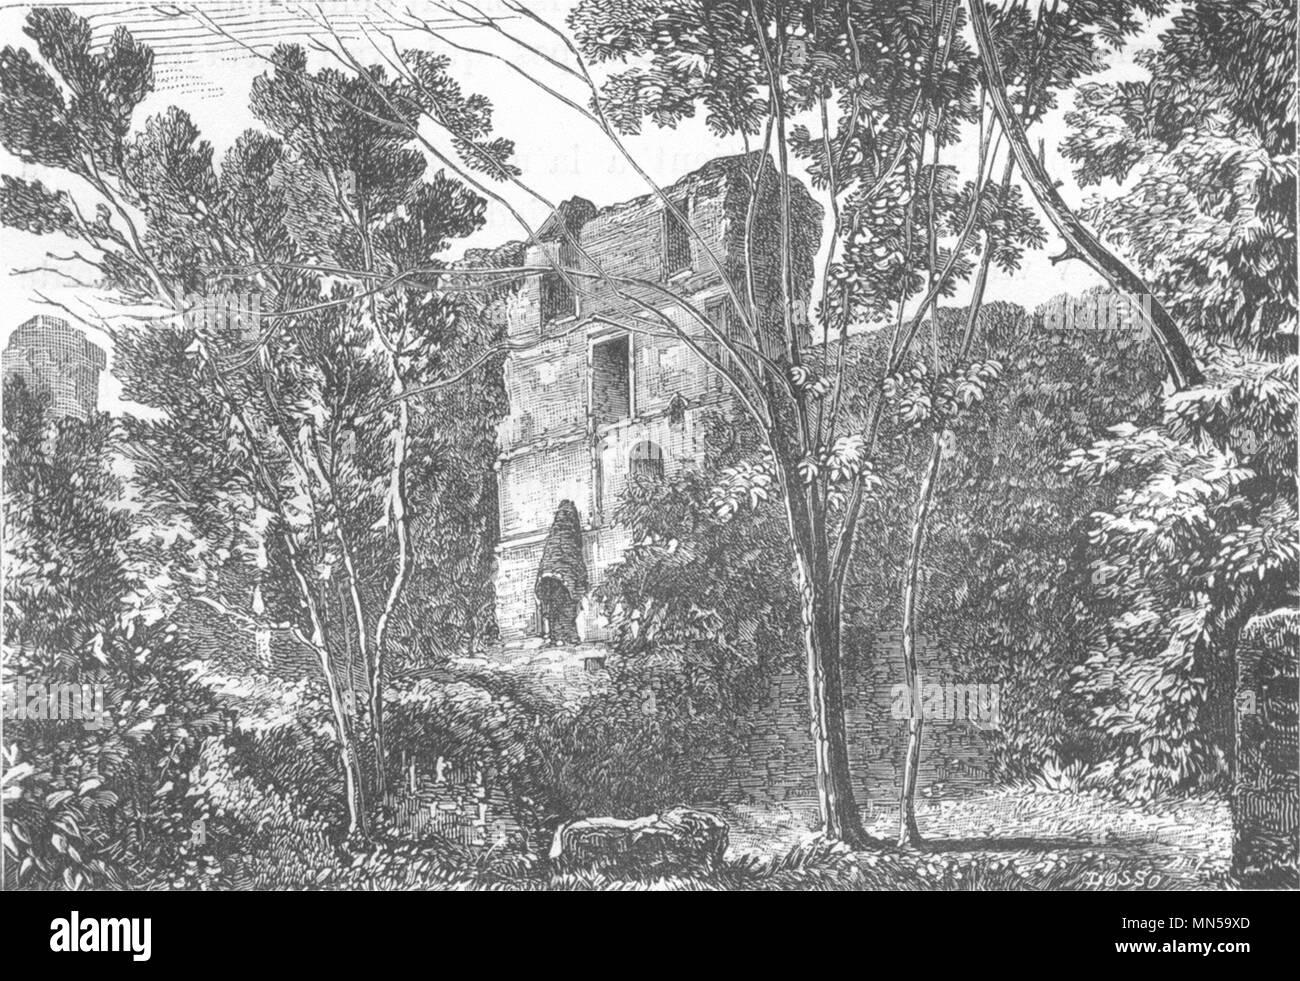 https://c8.alamy.com/comp/MN59XD/loire-atlantique-clisson-interieur-du-donjon-1880-old-print-picture-MN59XD.jpg